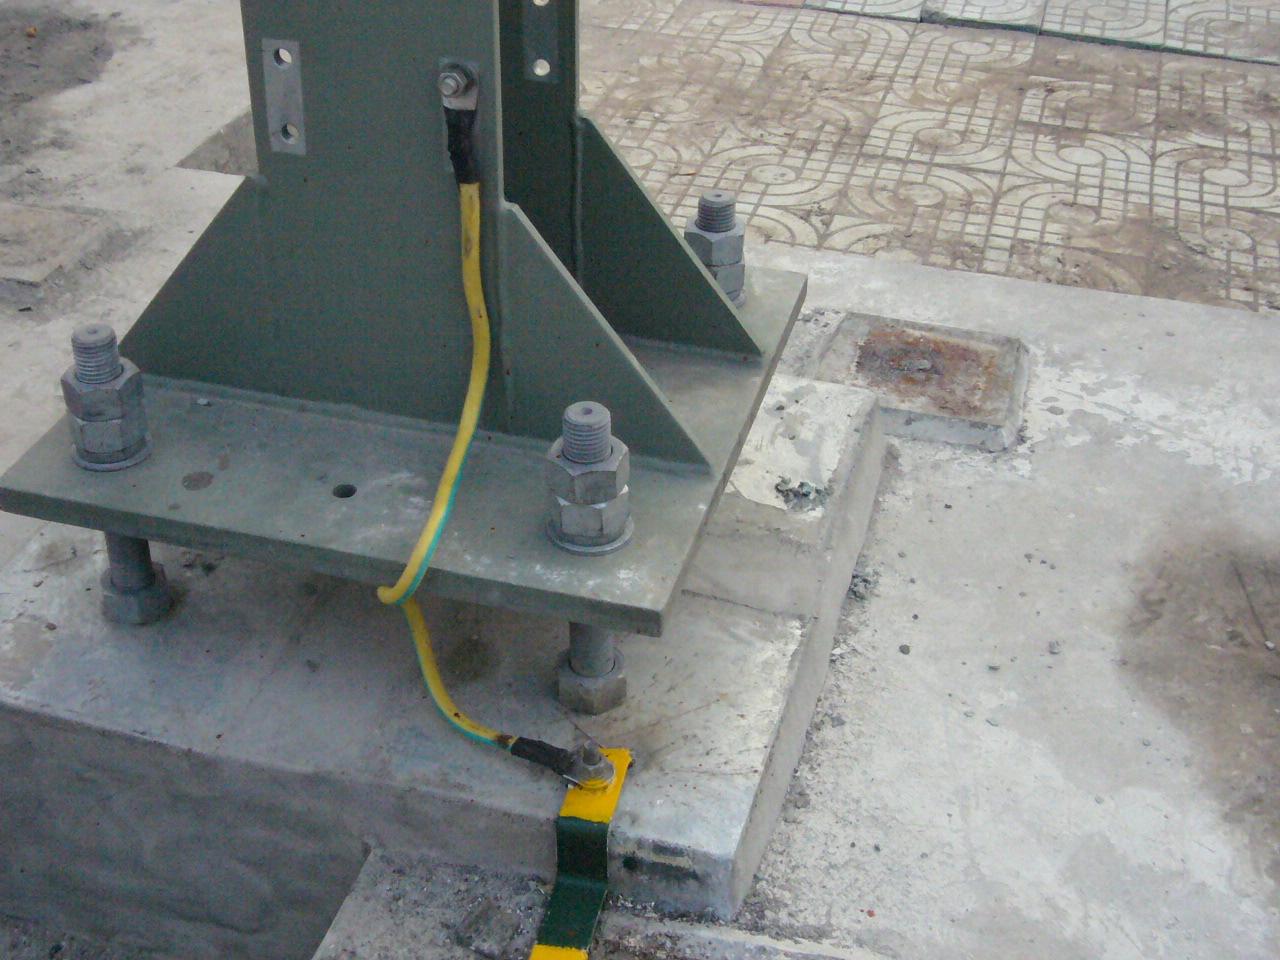 关于防雷接地跨接线安装-广联达服务新干线-答疑解惑